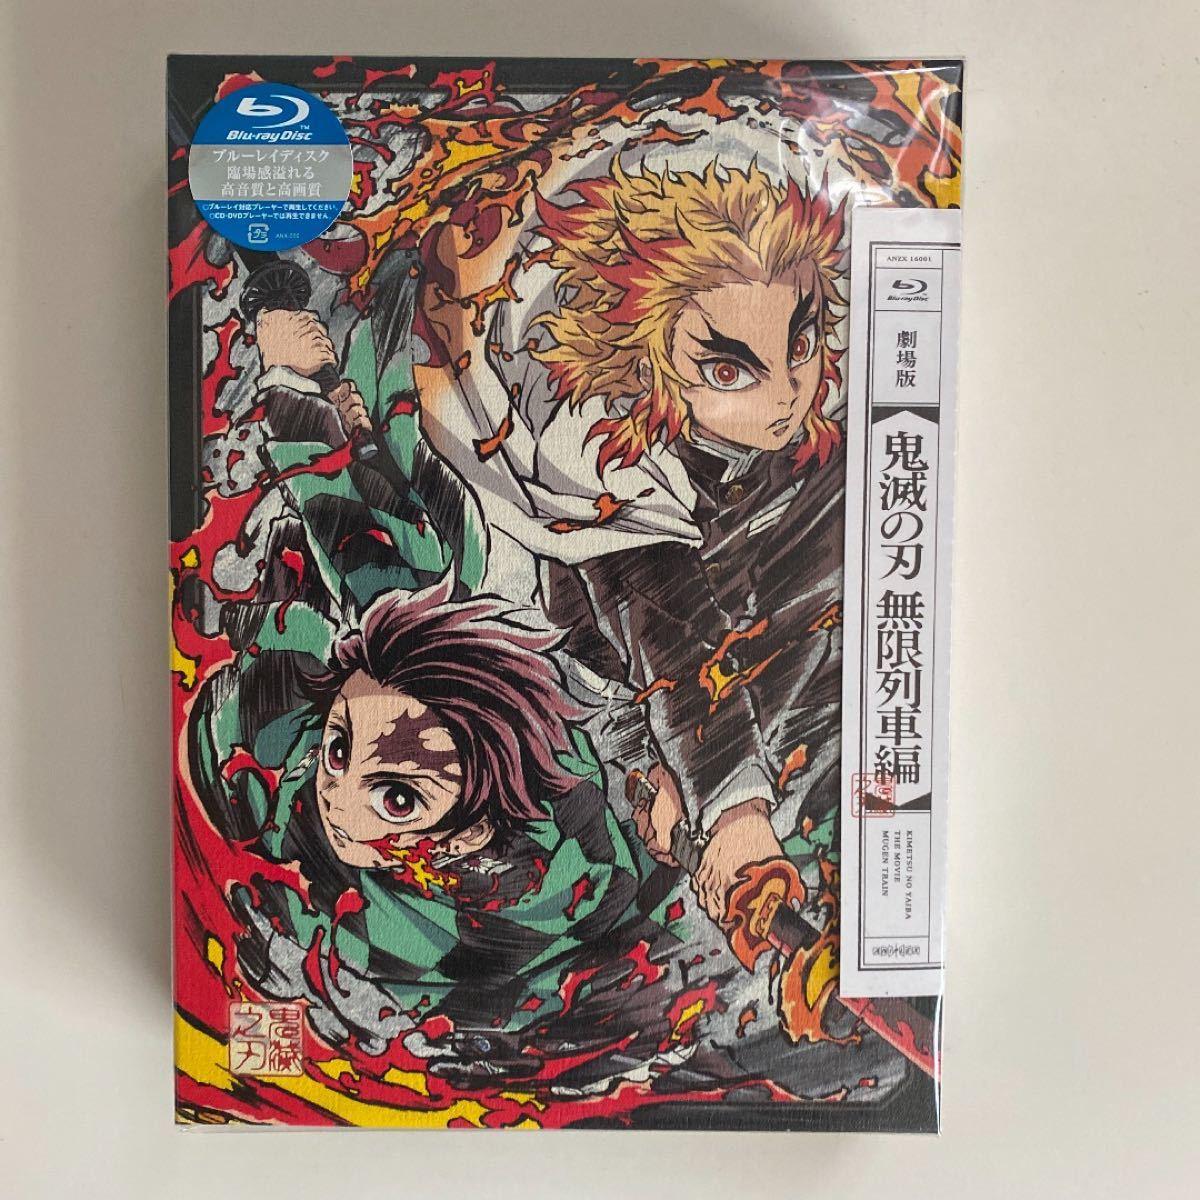 完全生産限定盤 劇場版 鬼滅の刃 無限列車編 Blu-ray